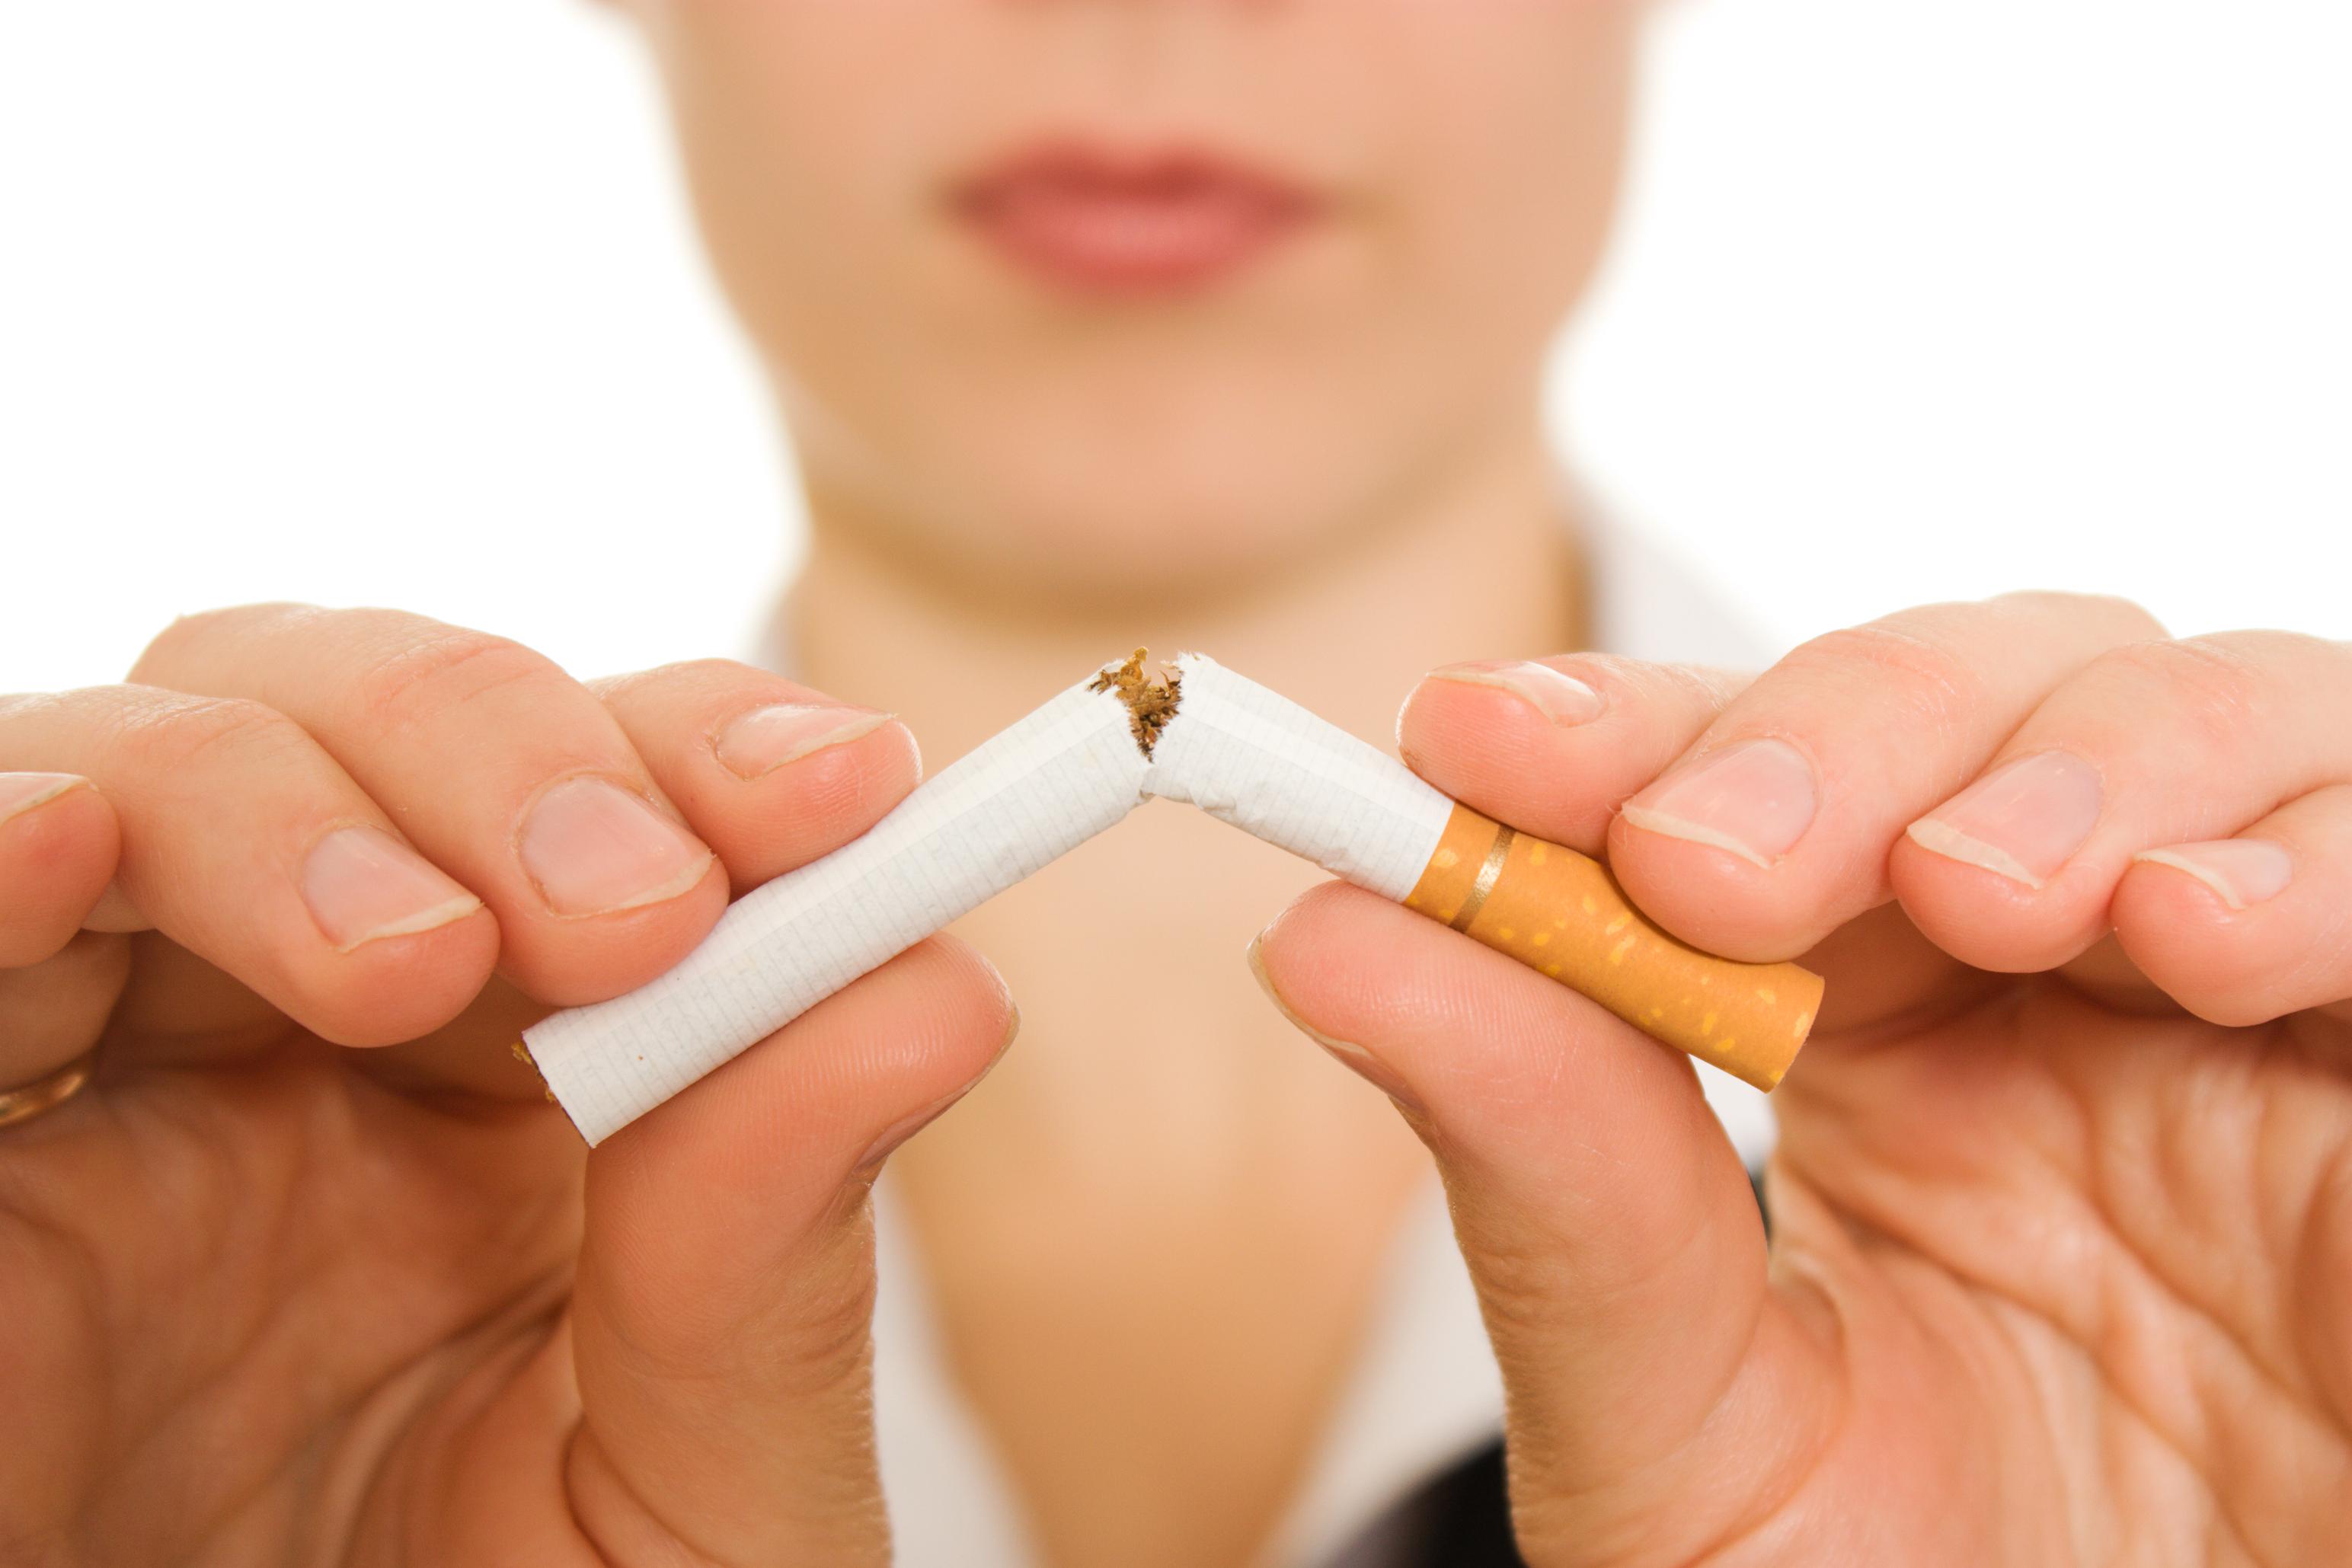 Fumagem deixada por causa de tosse